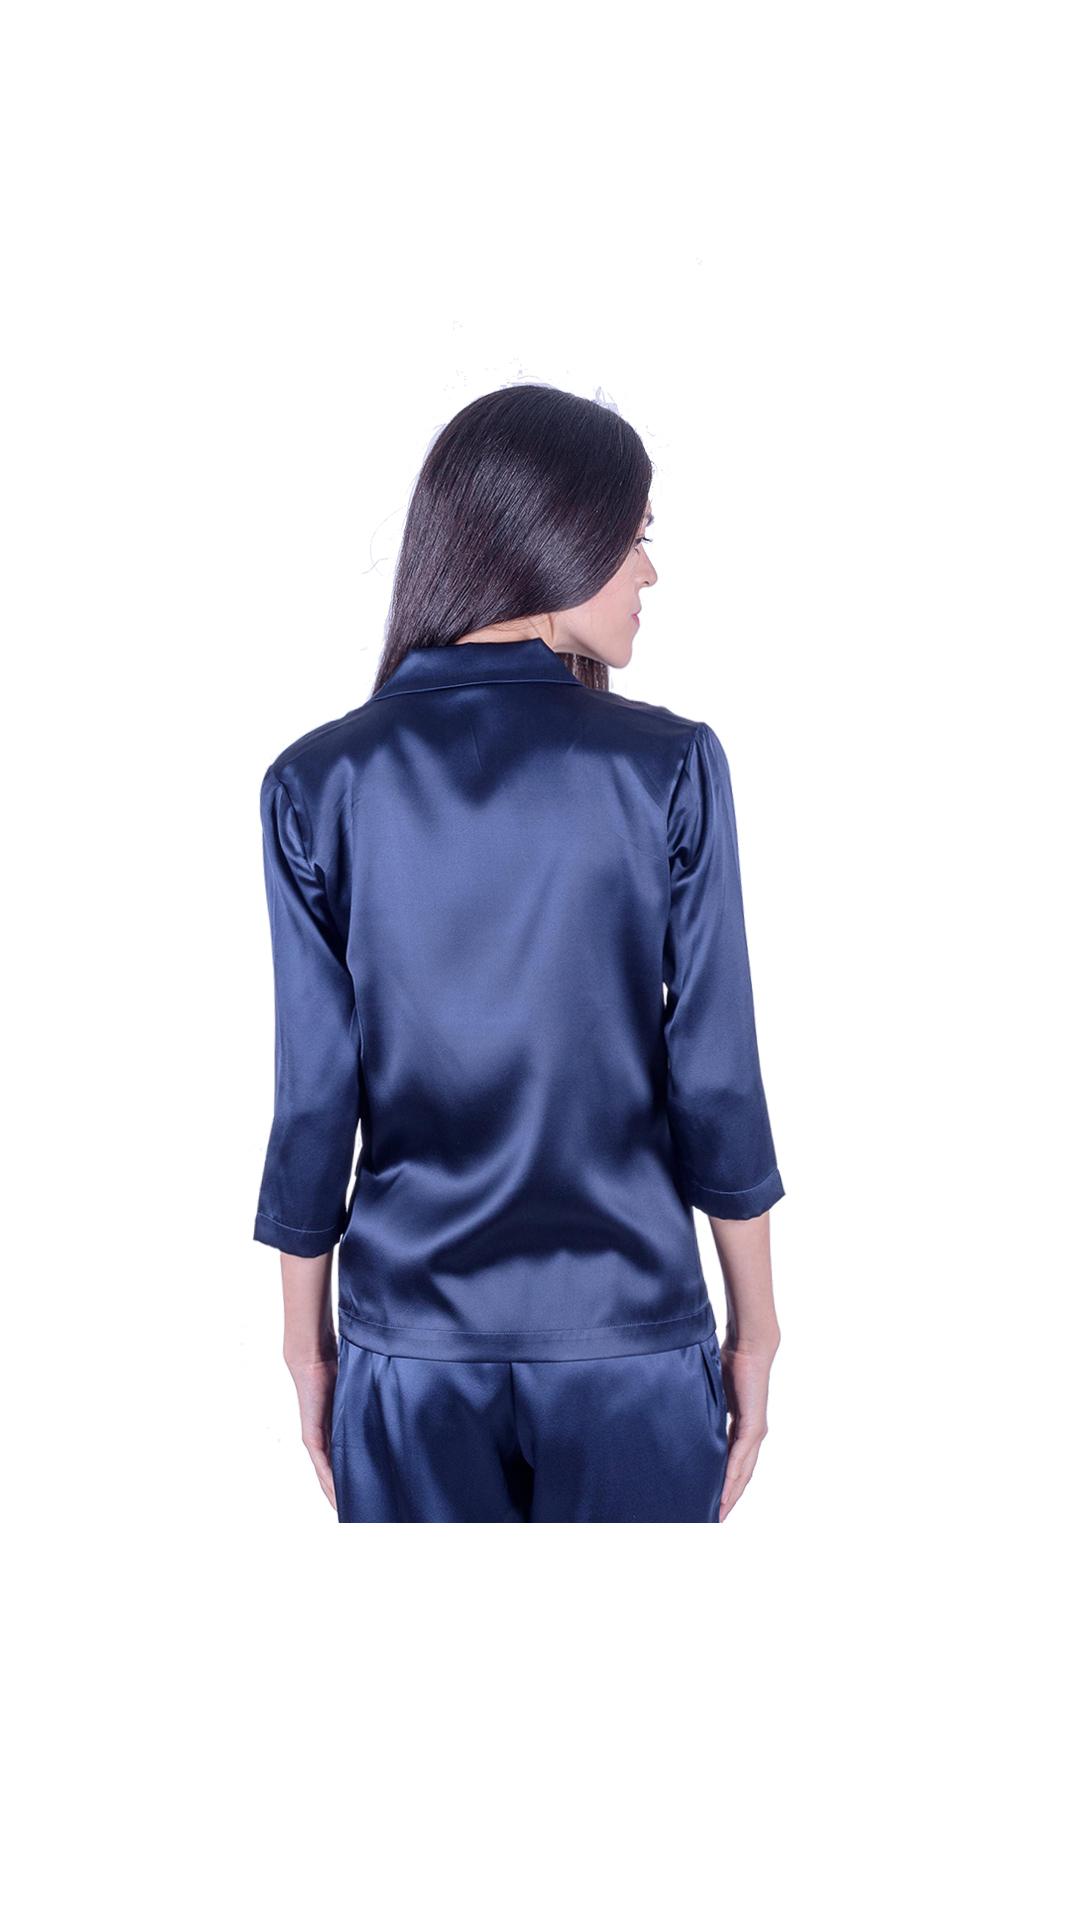 GIASILK02 BLU GIACCA DONNA MANICA LUNGA 1 1stAmerican giacca da donna 100% pura seta manica 3/4 - elegante camicia in seta da donna